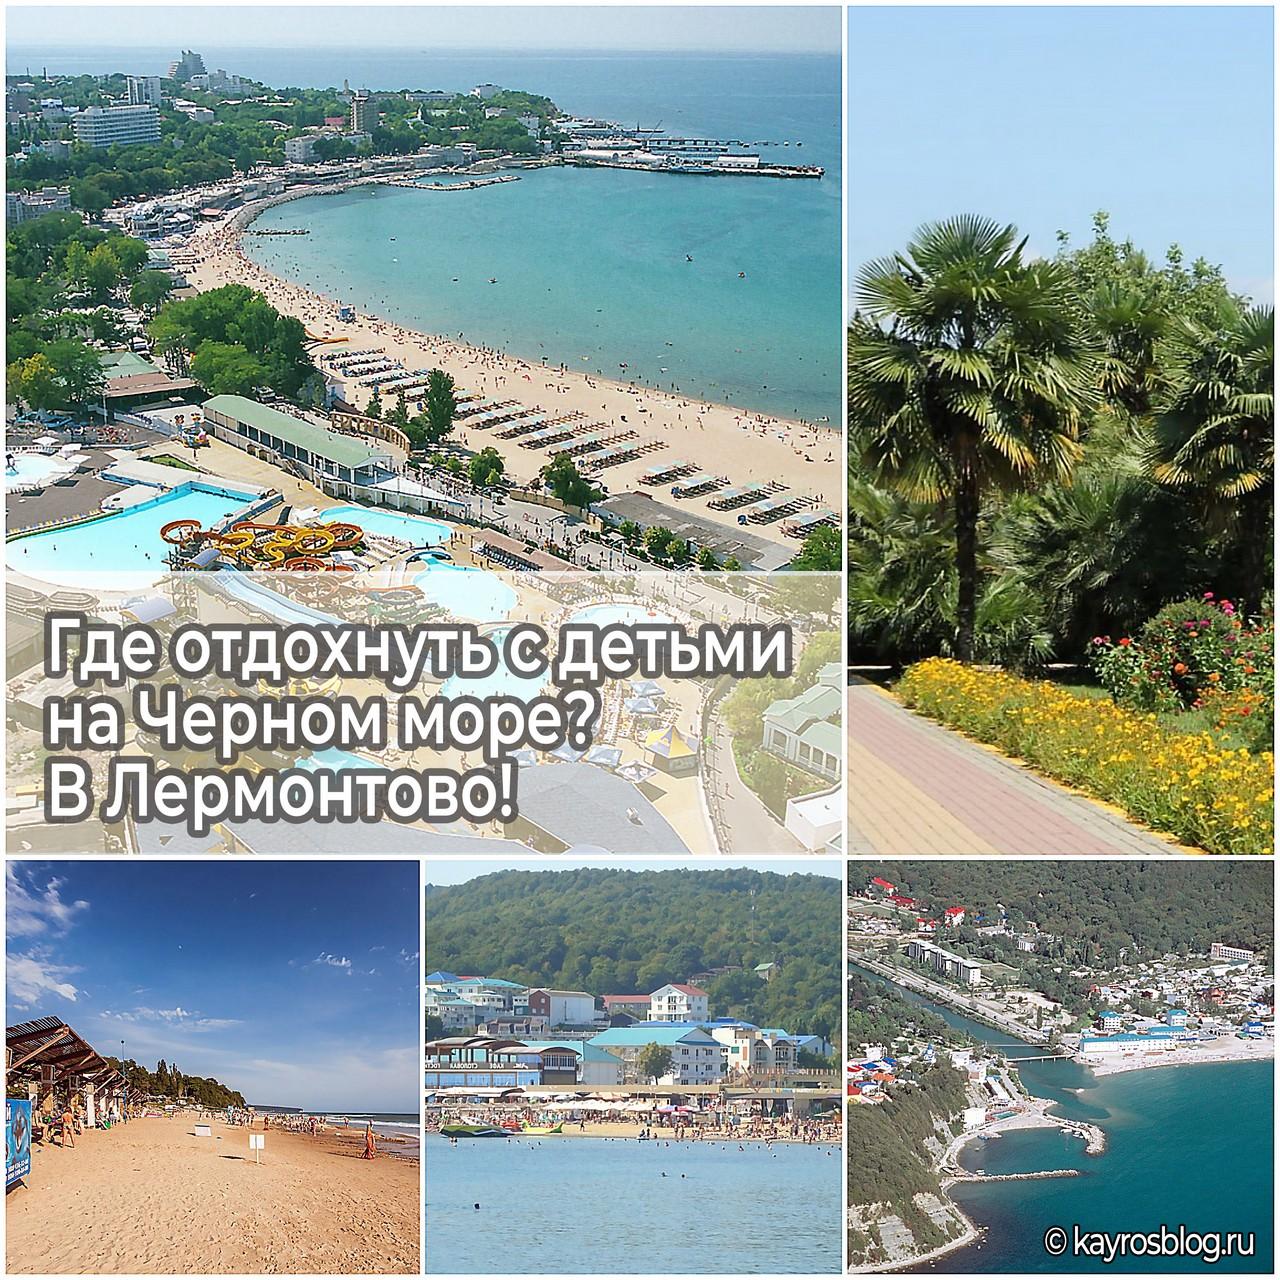 Где отдохнуть с детьми на Черном море в Лермонтово